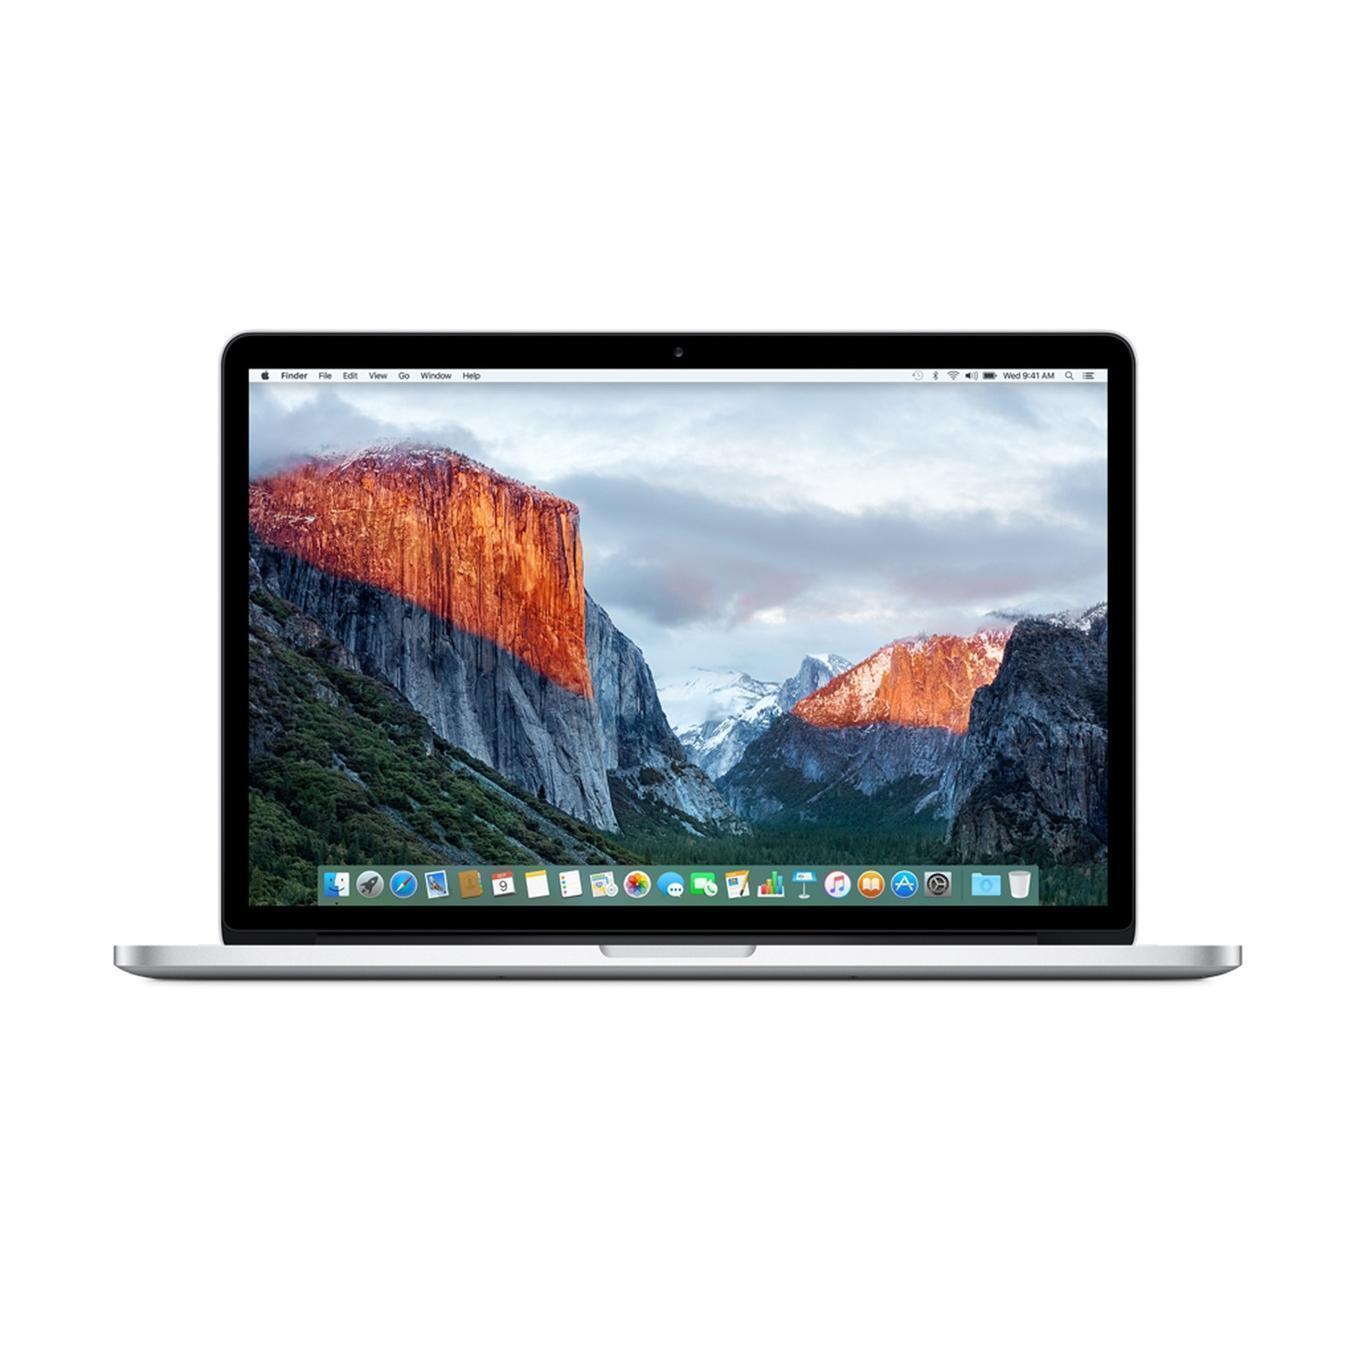 MacBook Pro Retina 15,4-tum (2014) - Core i7 - 16GB - SSD 500 GB QWERTY - Engelska (Storbritannien)